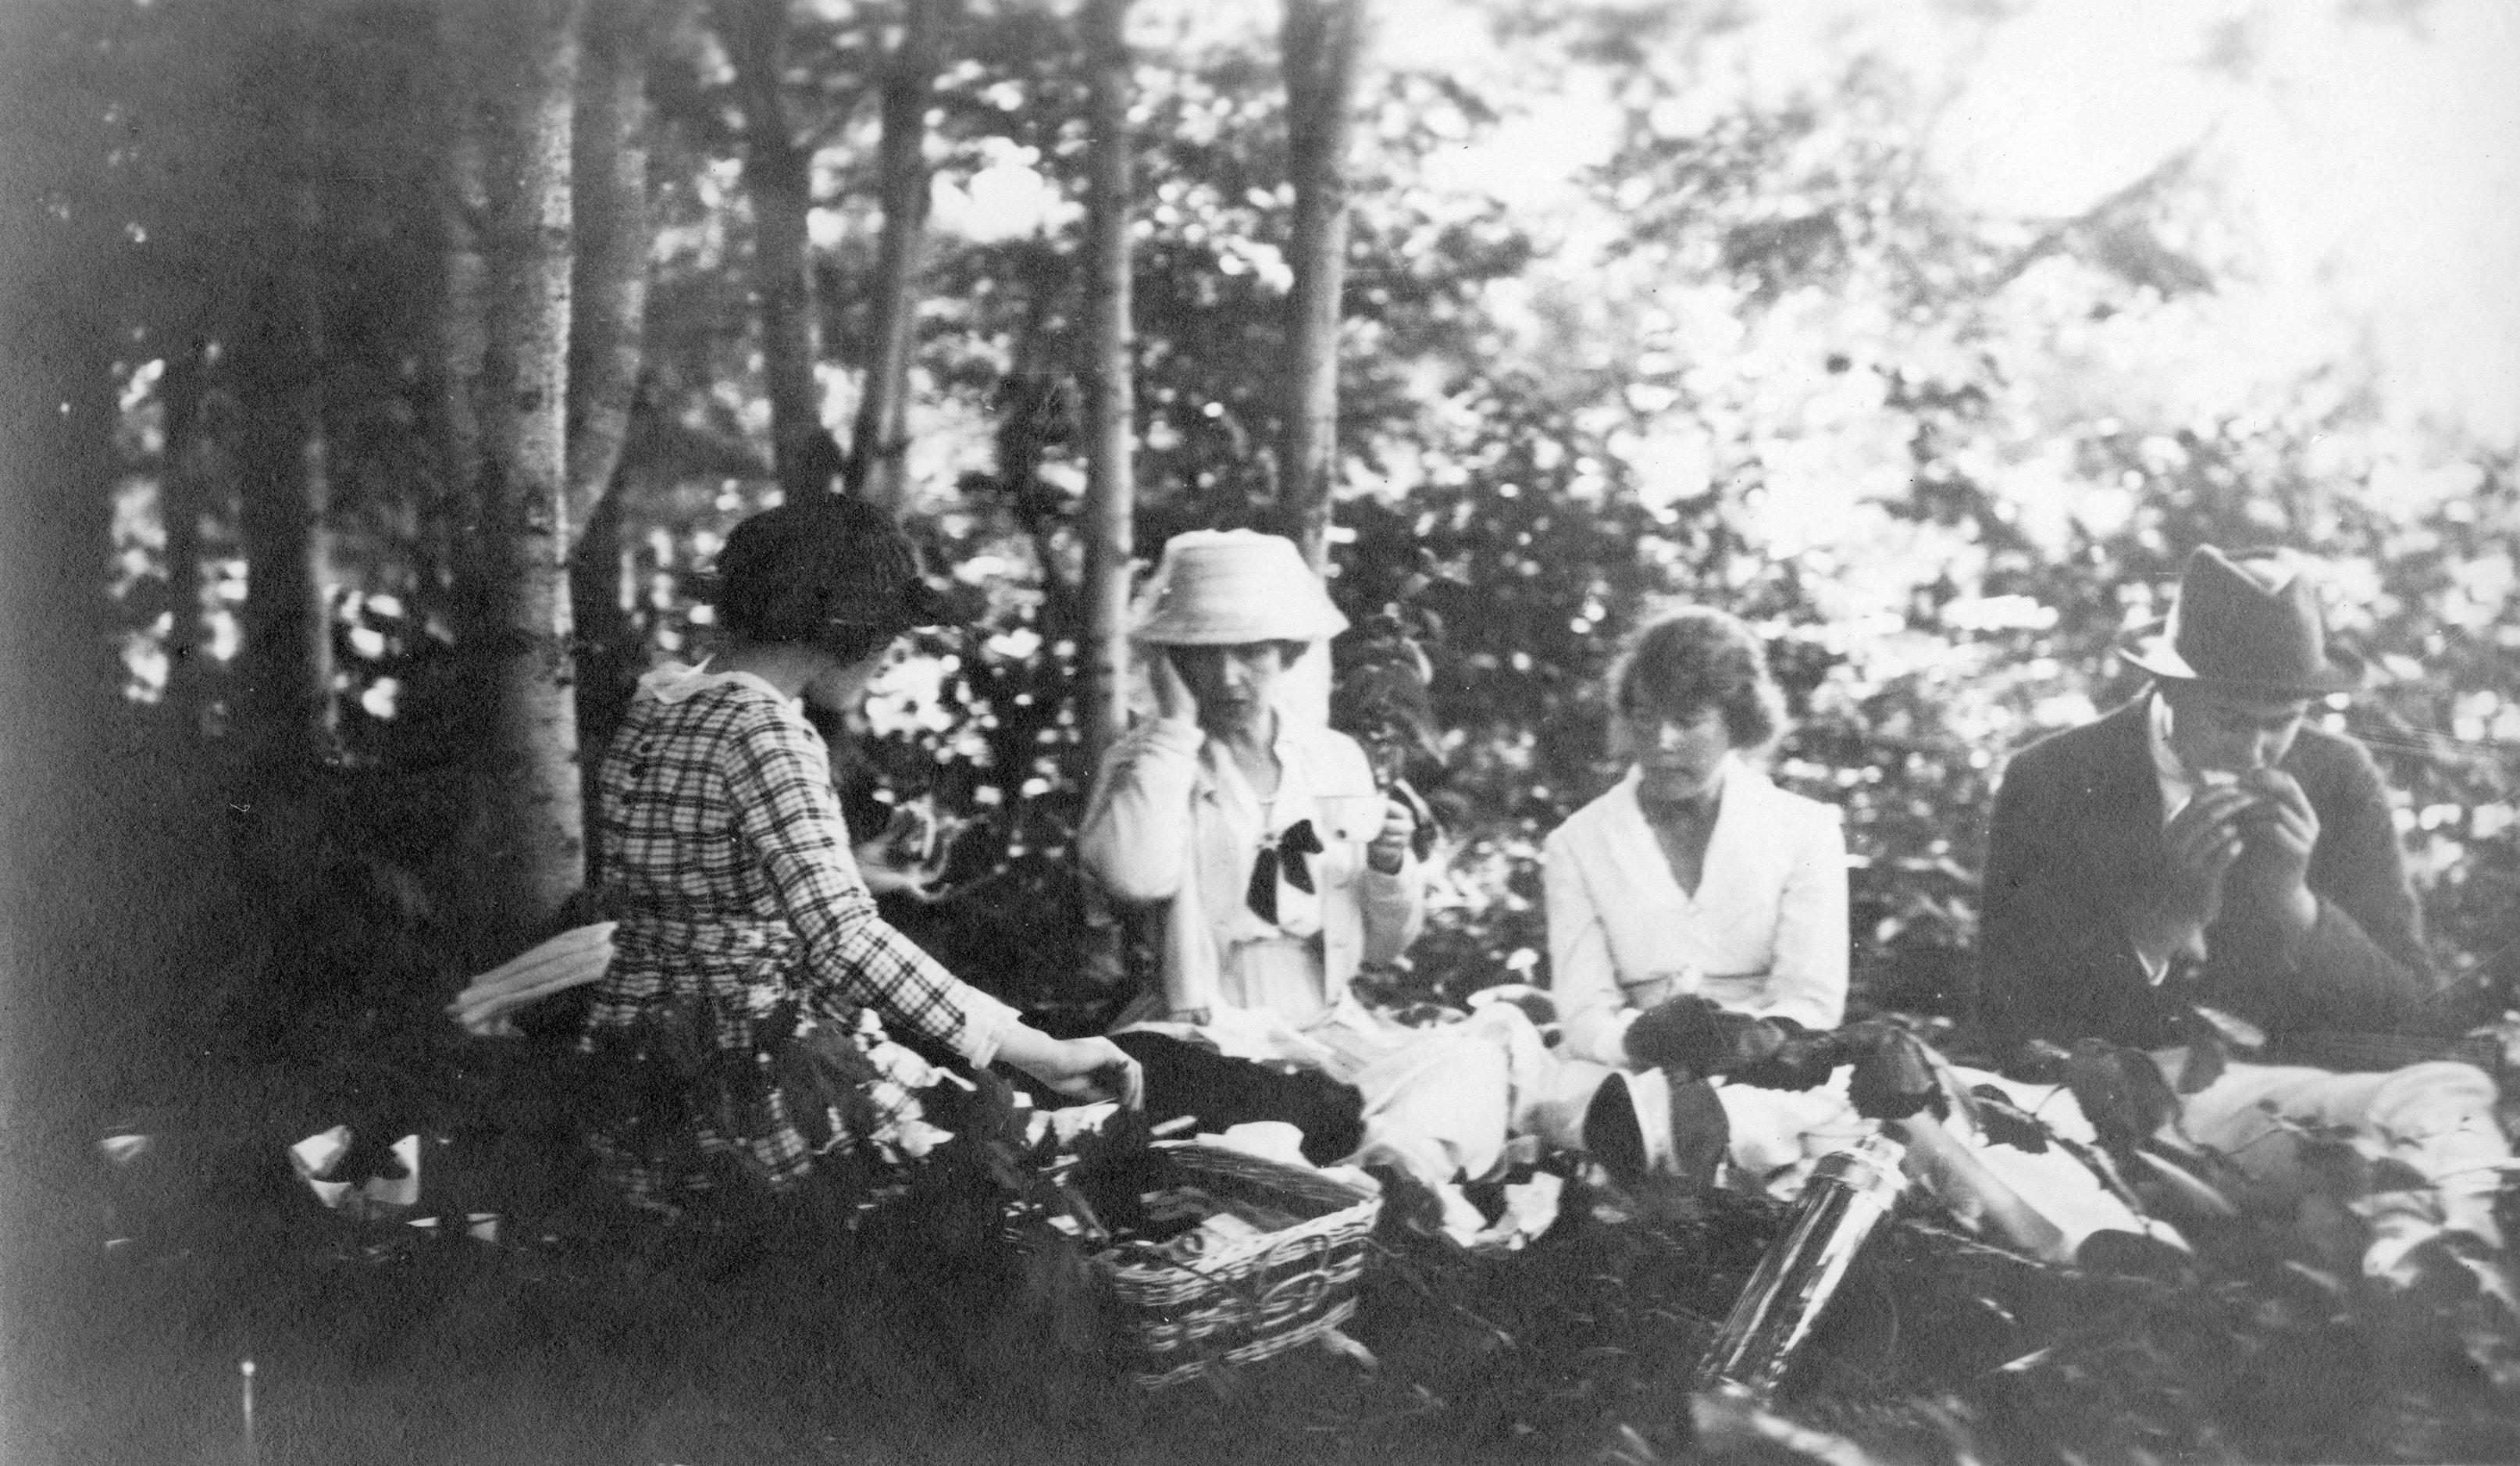 Trois femmes et un homme sont assis pour pique-niquer dans un boisé. À l'avant-plan, un panier et un thermos.